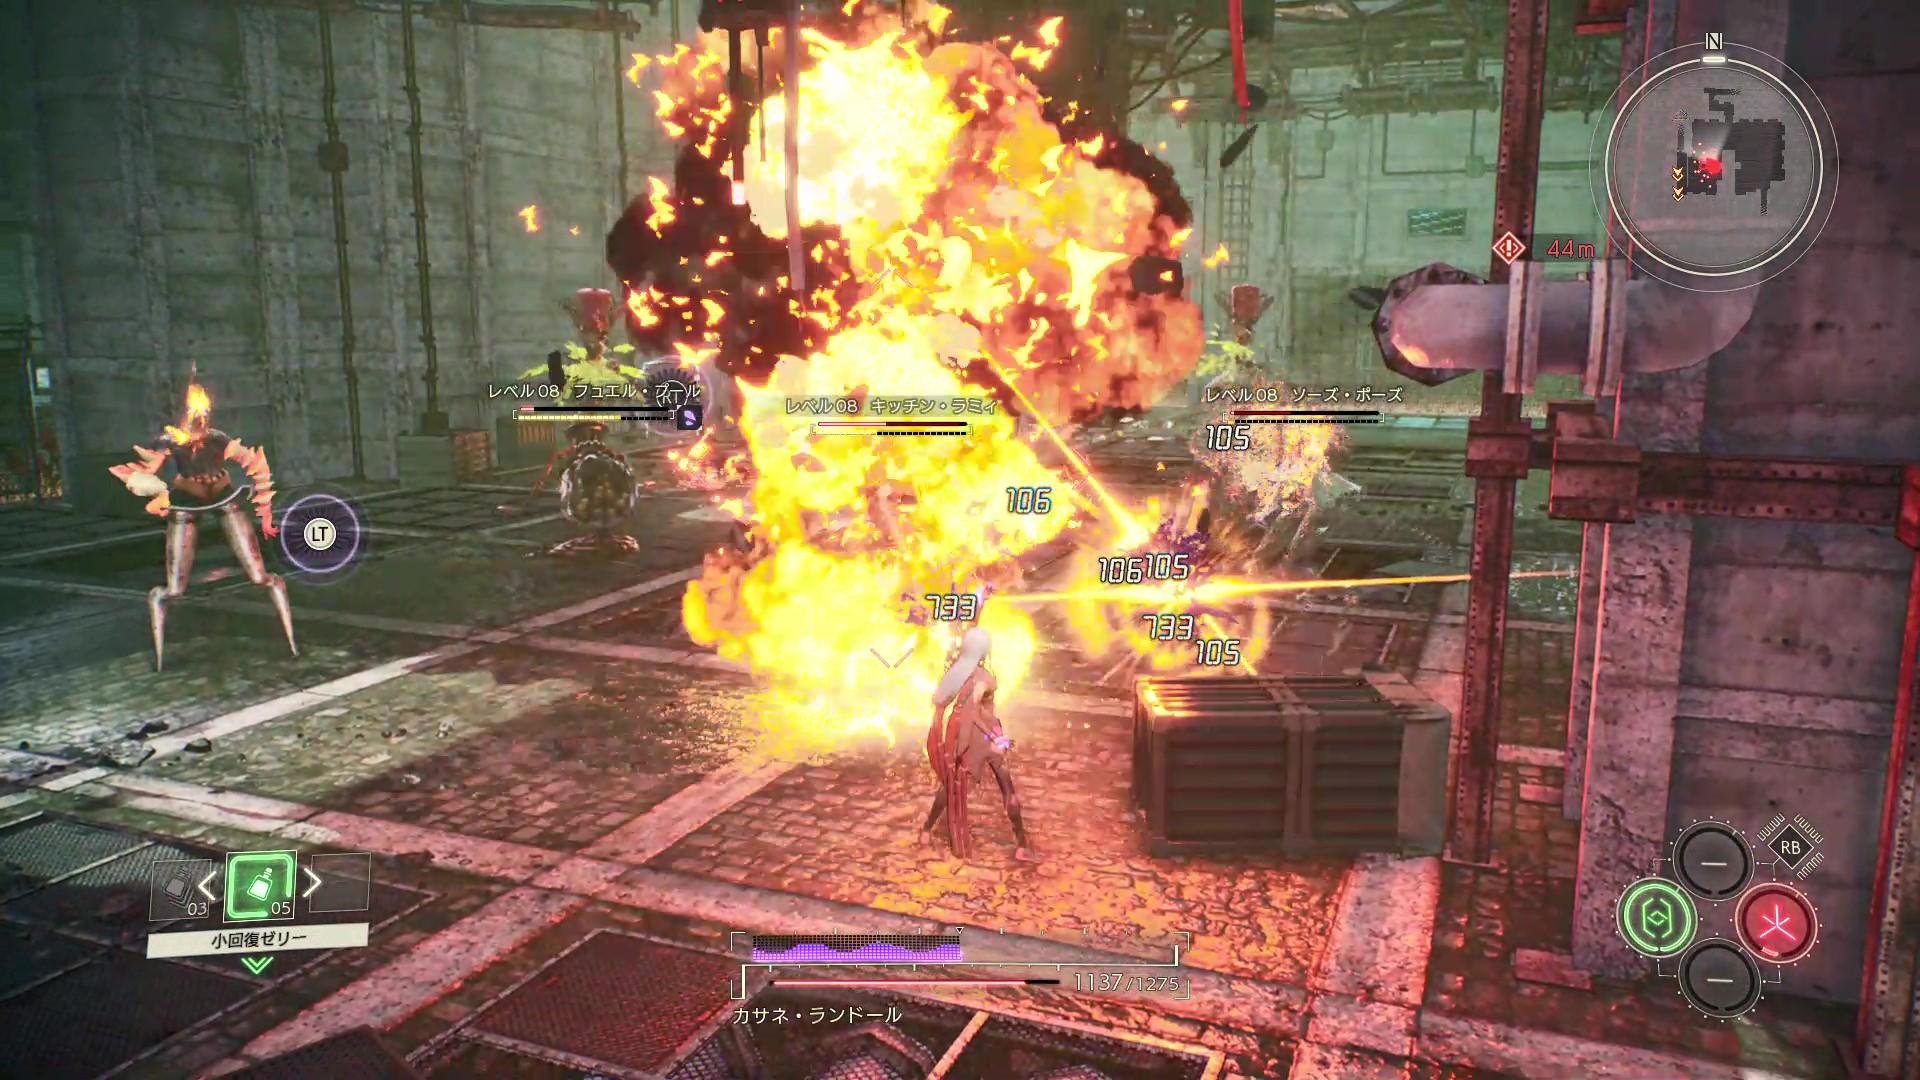 《绯红结系》PS4/PS5试玩版今日上线 更多精彩截图公开